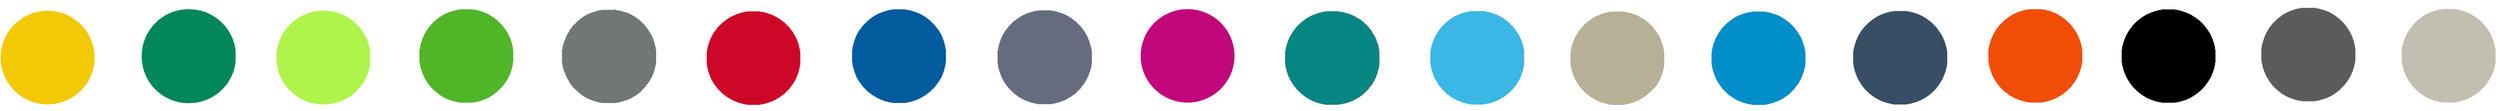 colour chart 2017